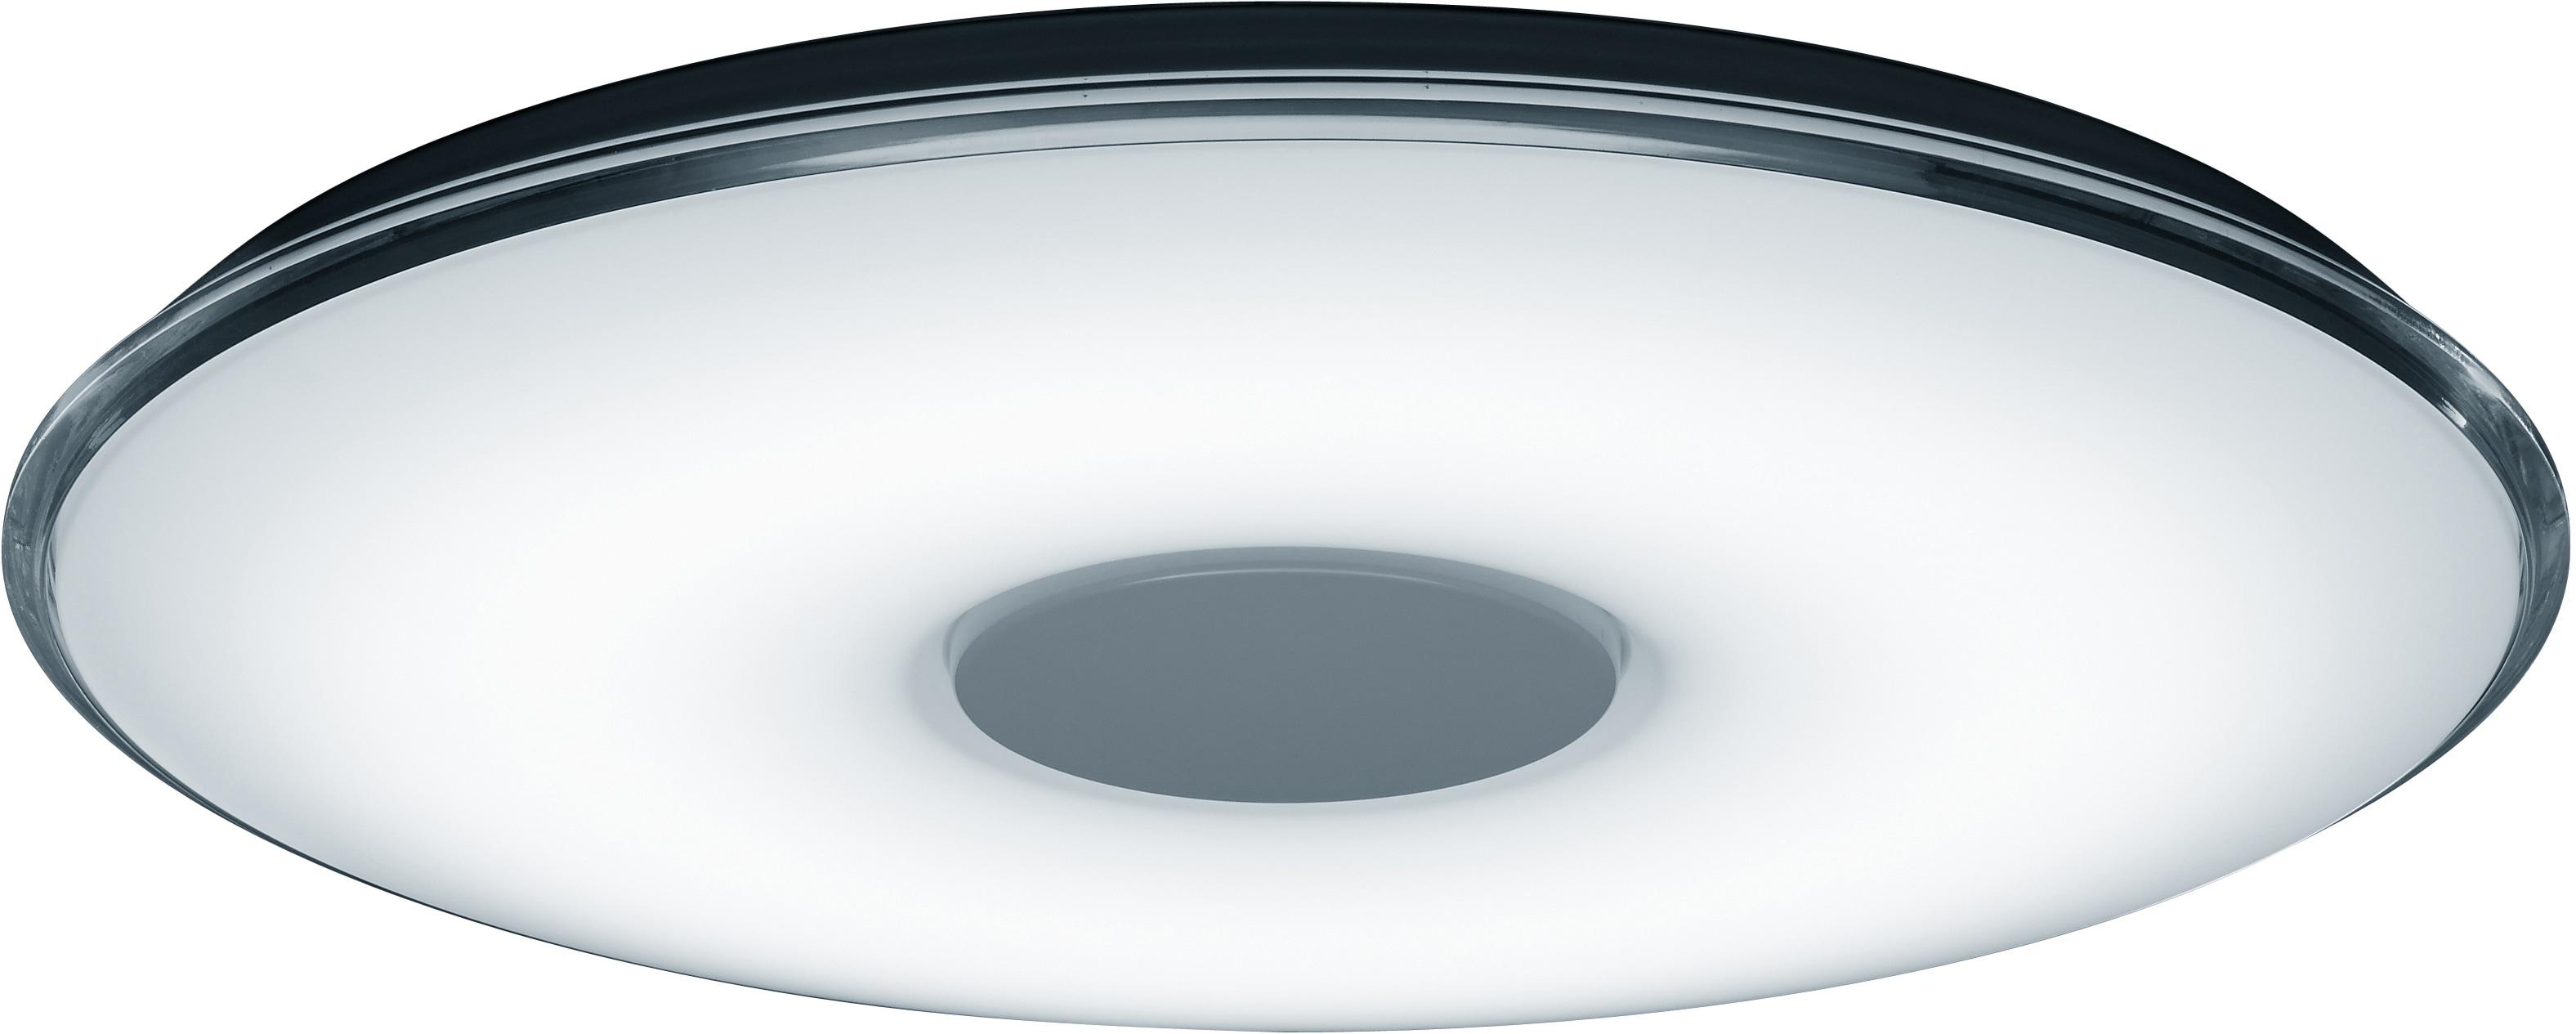 TRIO Leuchten LED Deckenleuchte Tokyo, LED-Board, Kaltweiß-Neutralweiß-Tageslichtweiß-Warmweiß, Fernbedienung,integrierter Dimmer,Lichtfarbe stufenlos einstellbar,Nachtlicht,Memory Funktion